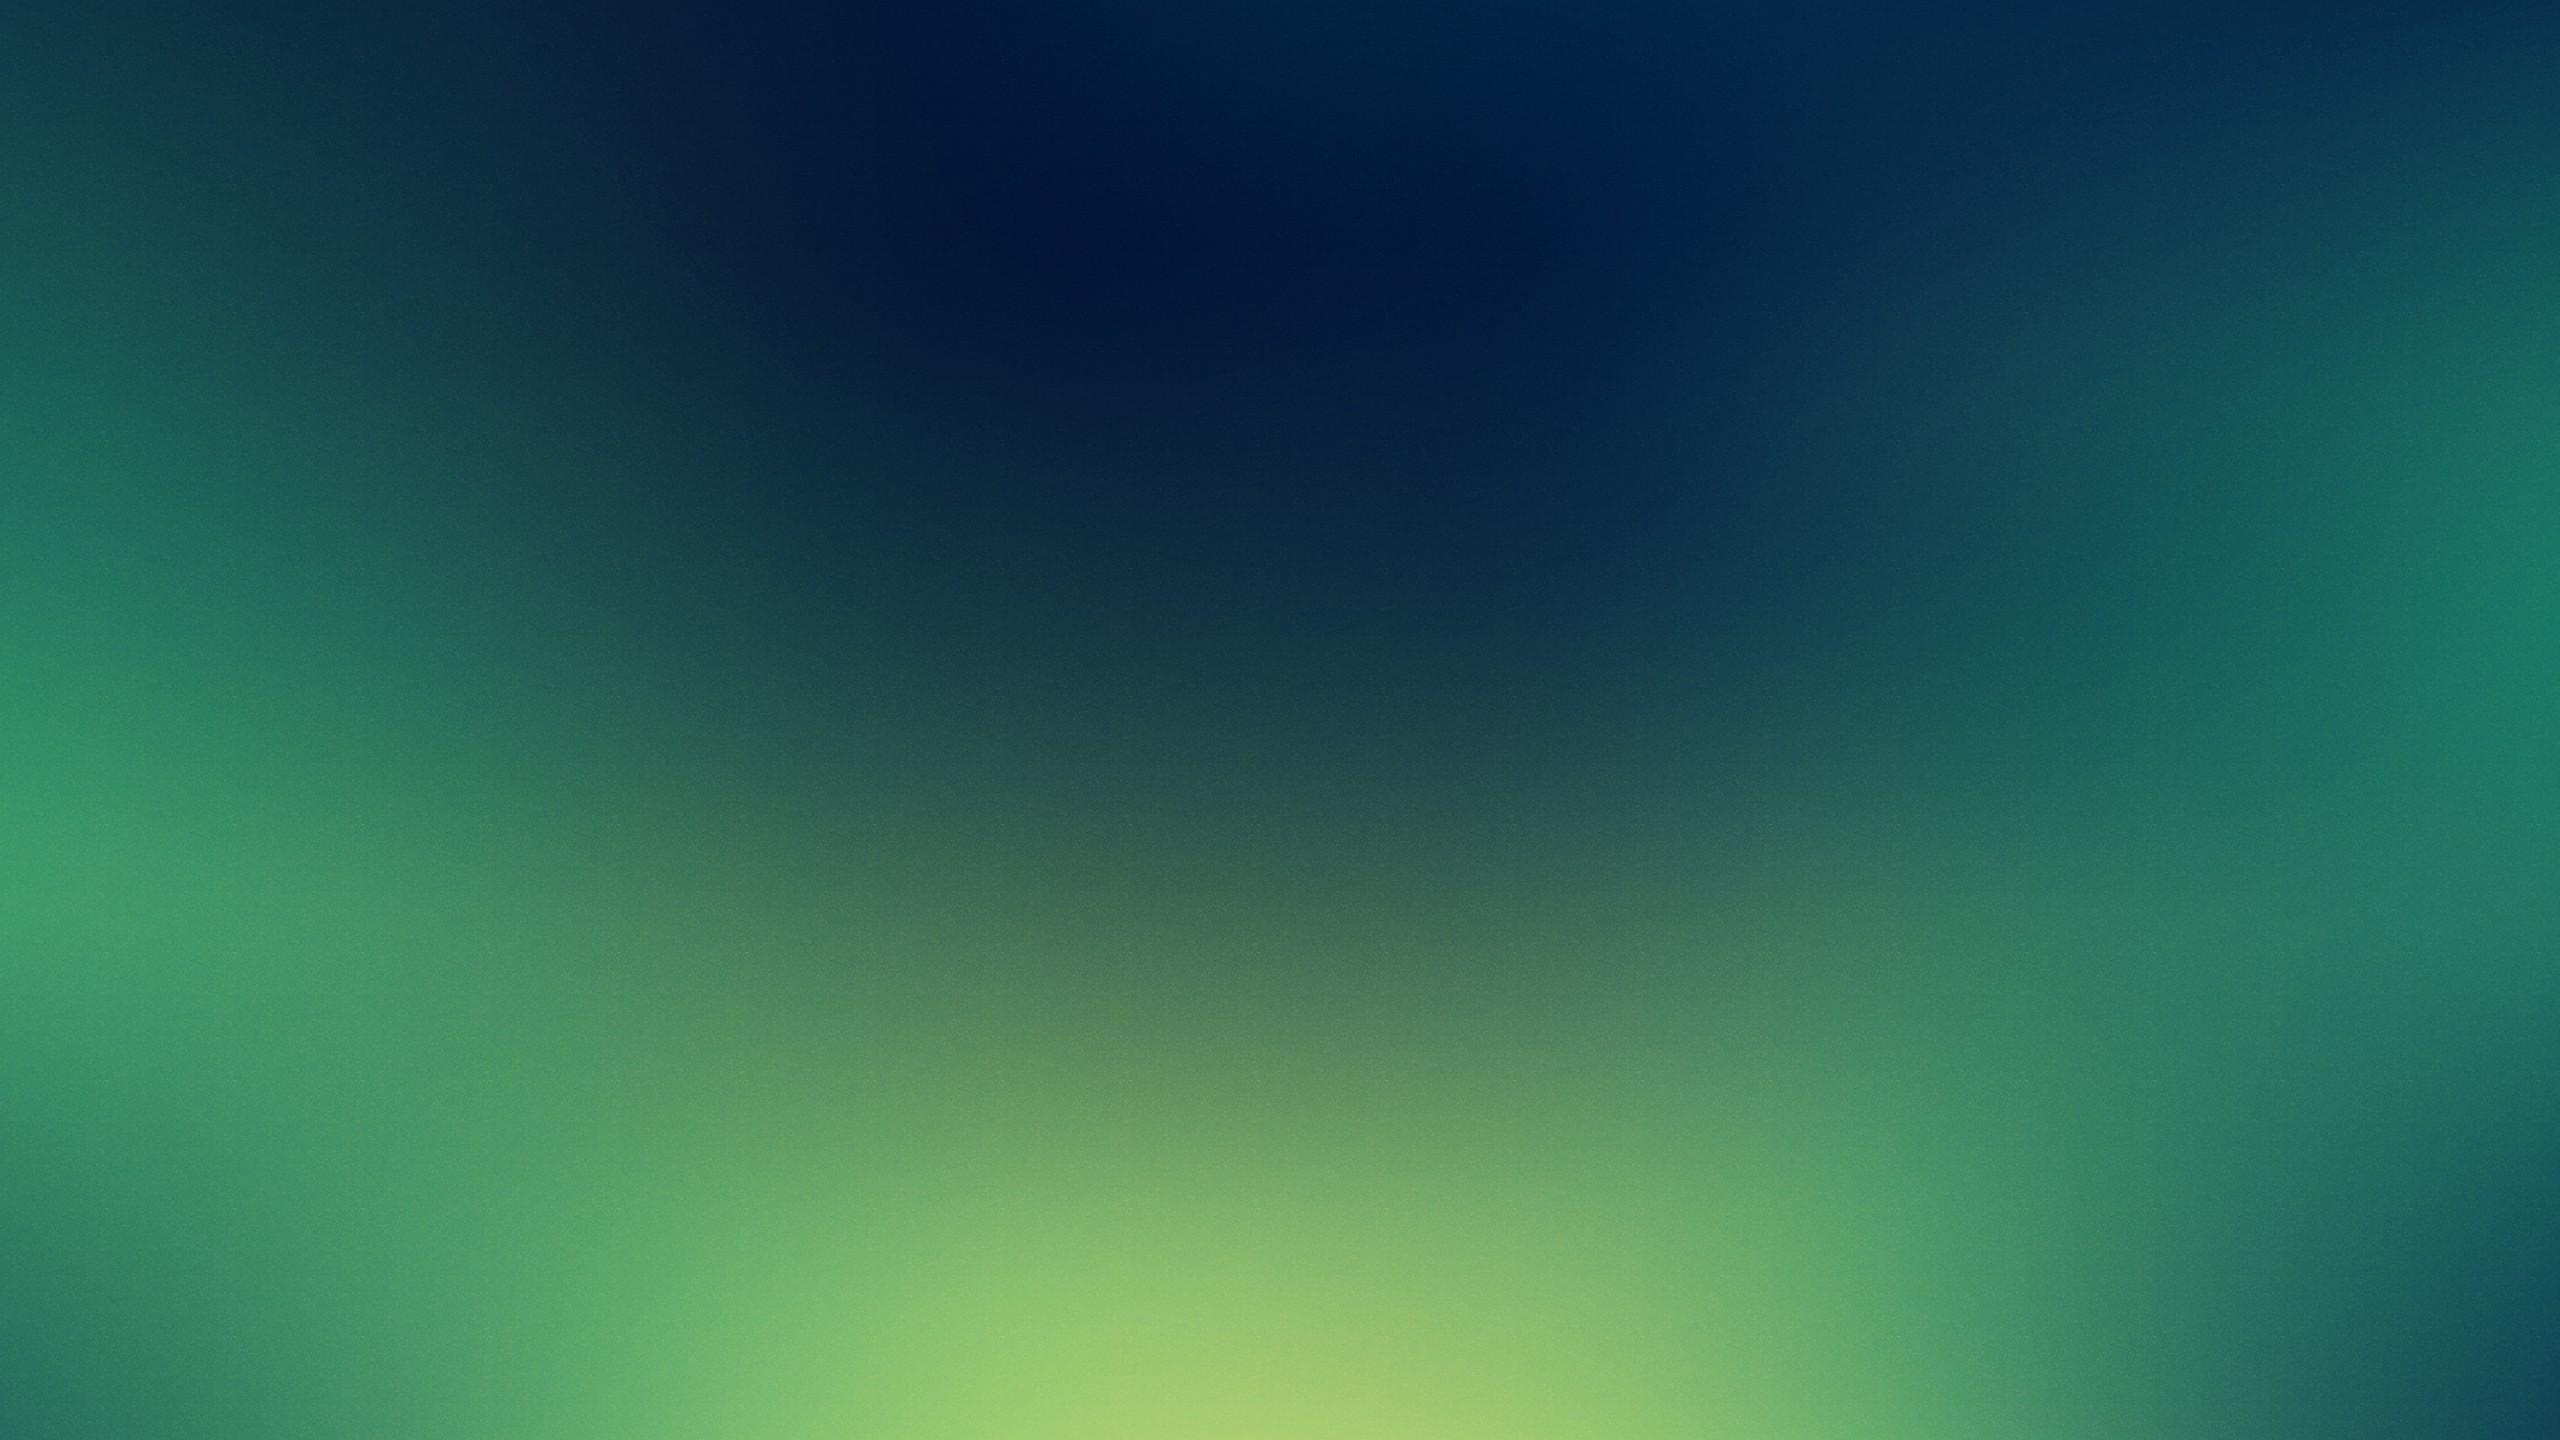 blue blurred gaussian blur green minimalistic wallpaper (#2227646 ...